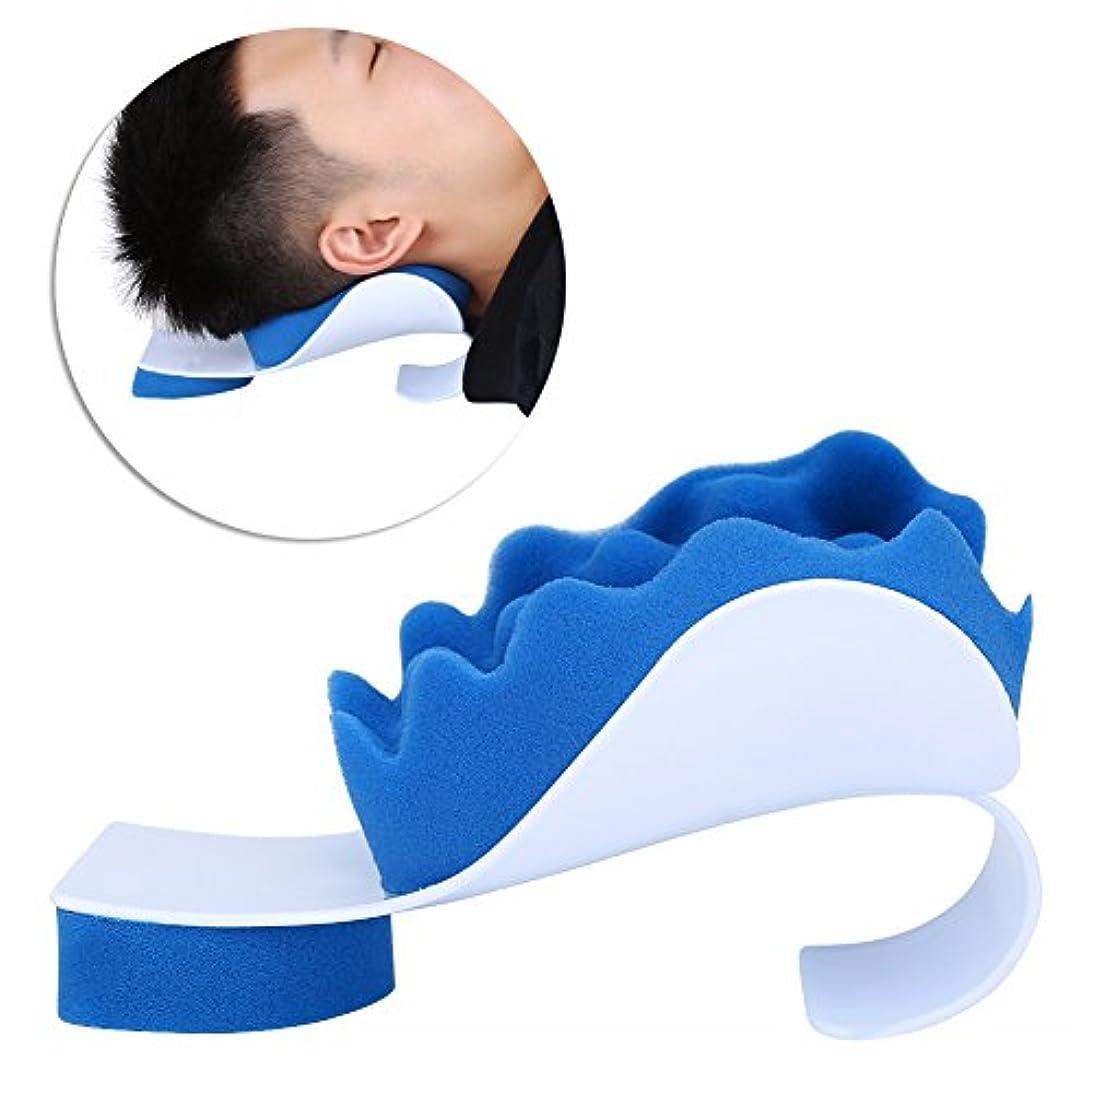 解体する公演結果としてマッサージ枕 首ストレッチャー ネック枕 ツボ押し リラックス ストレス解消 頚椎/首筋矯正 首筋押圧 肩こり 首こり 改善